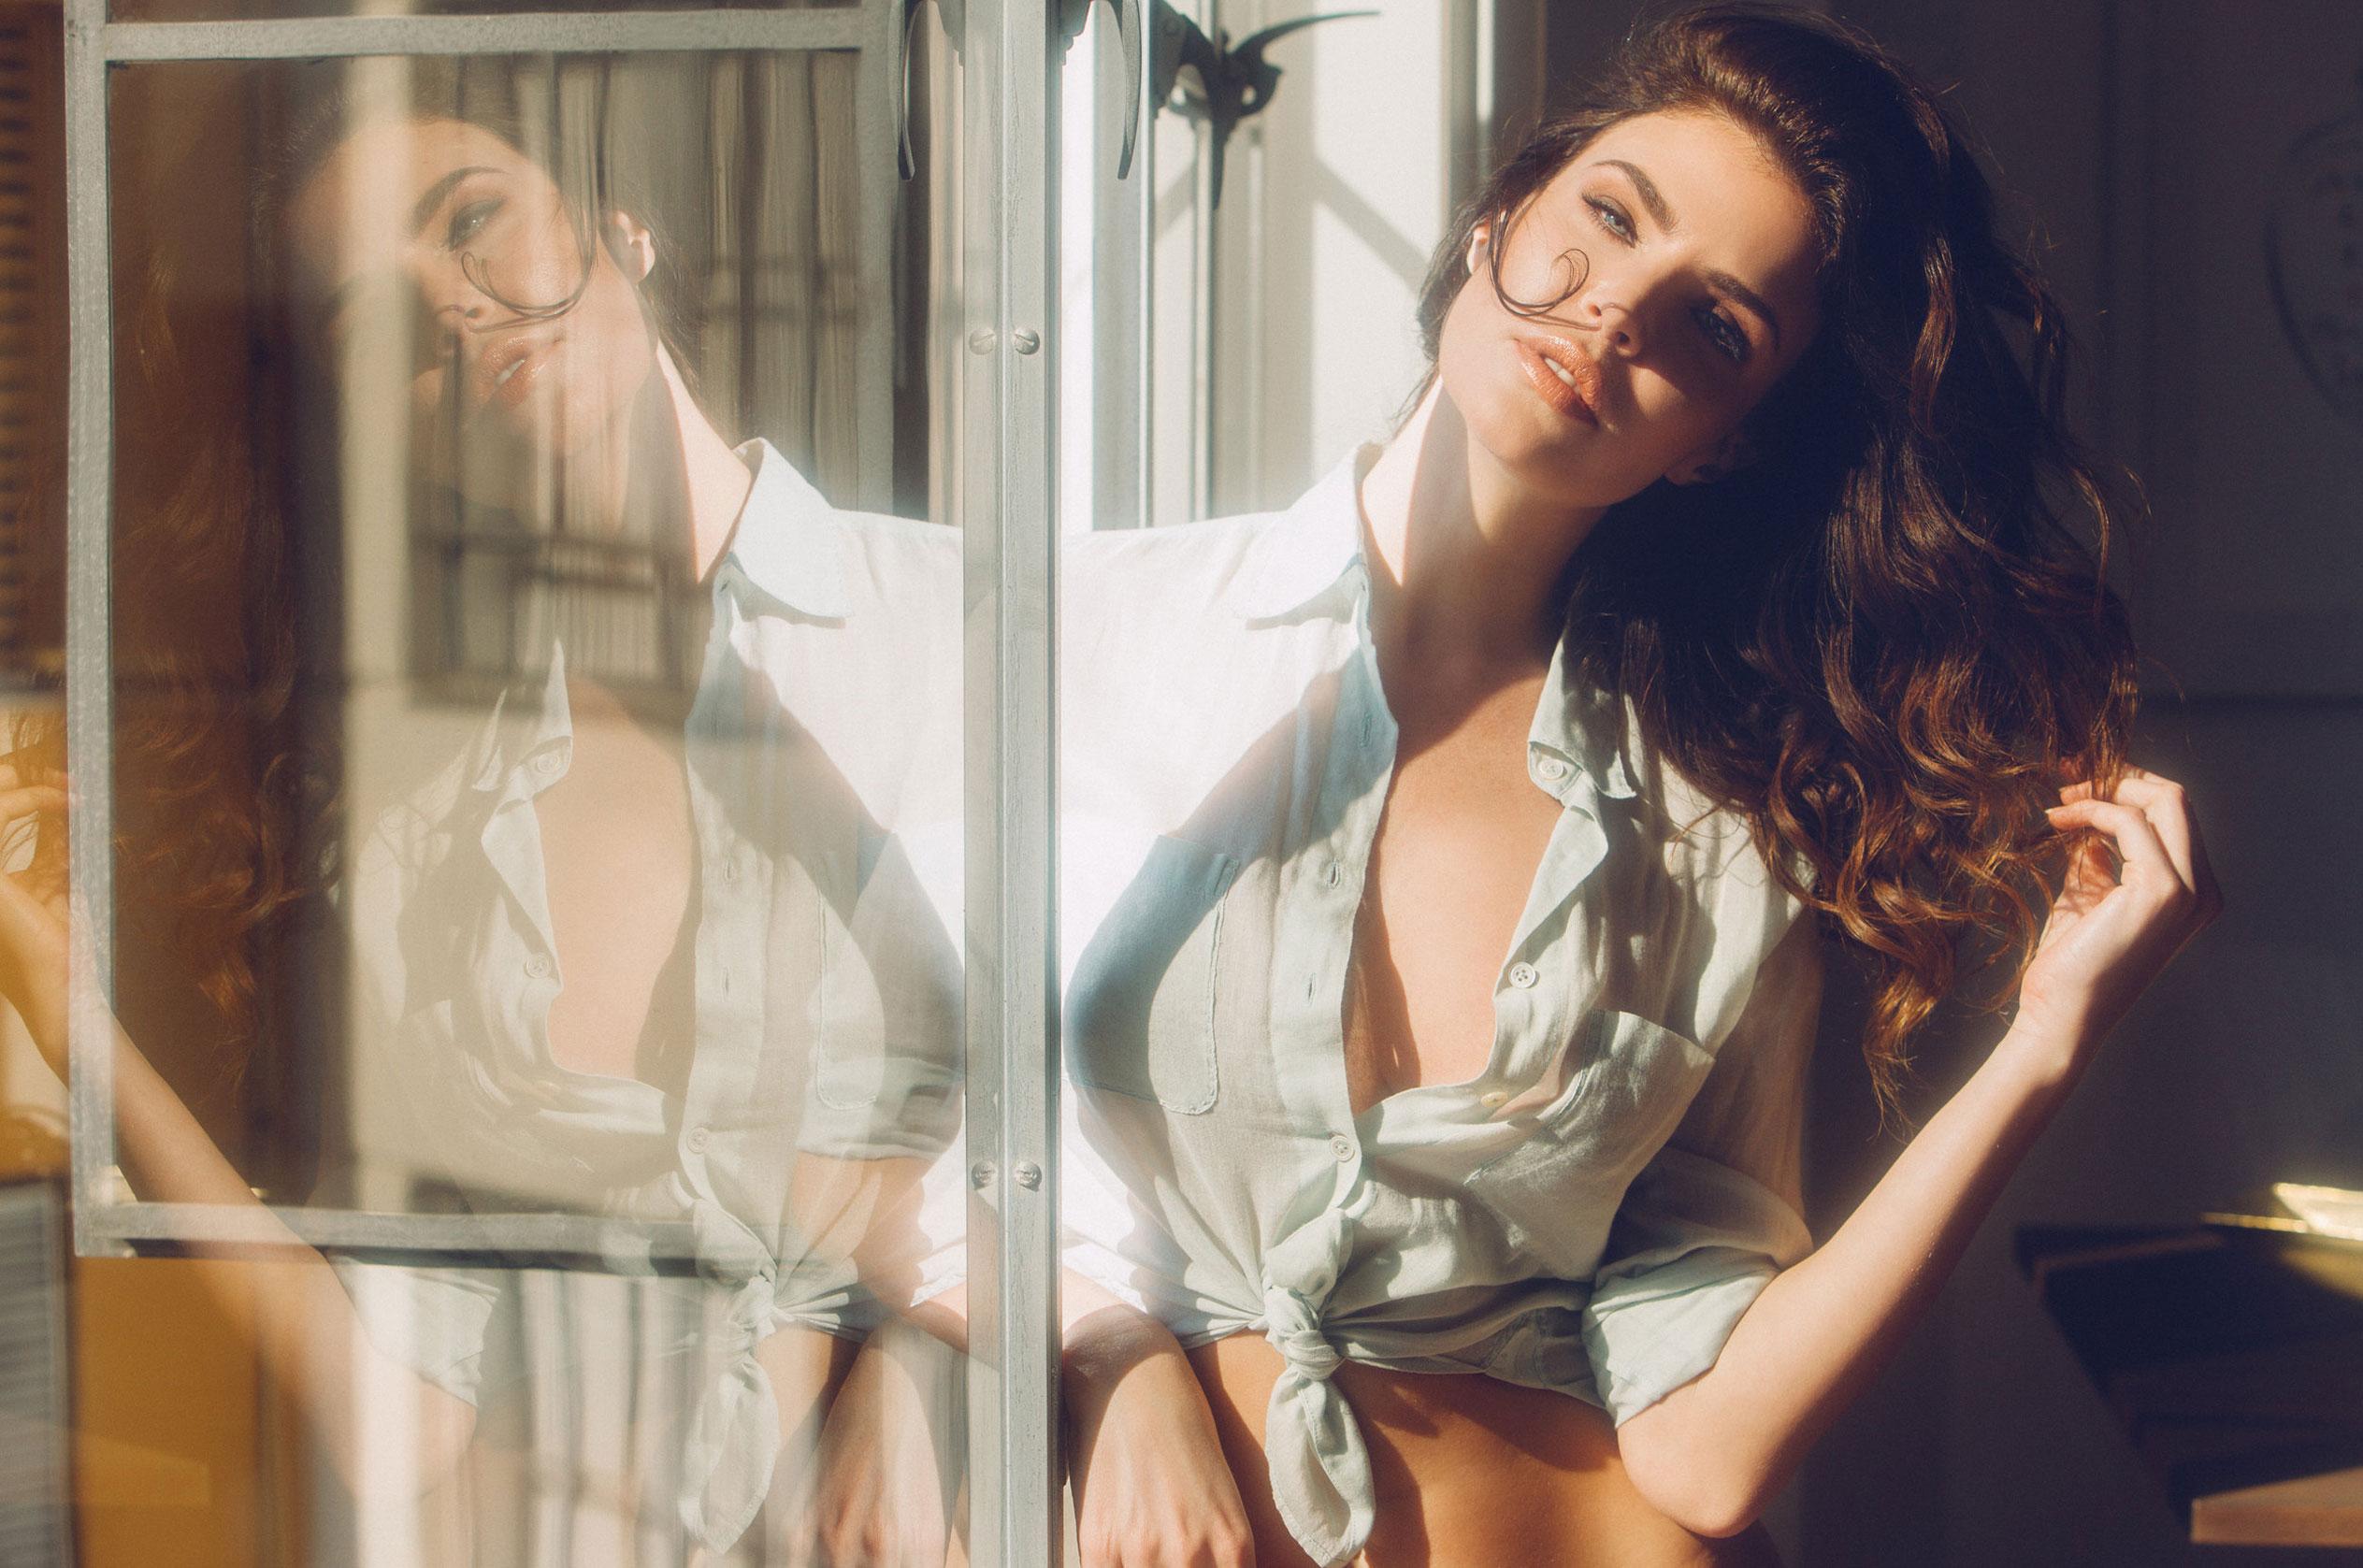 Юлия Лескова в люксовом французском нижнем белье / фото 01